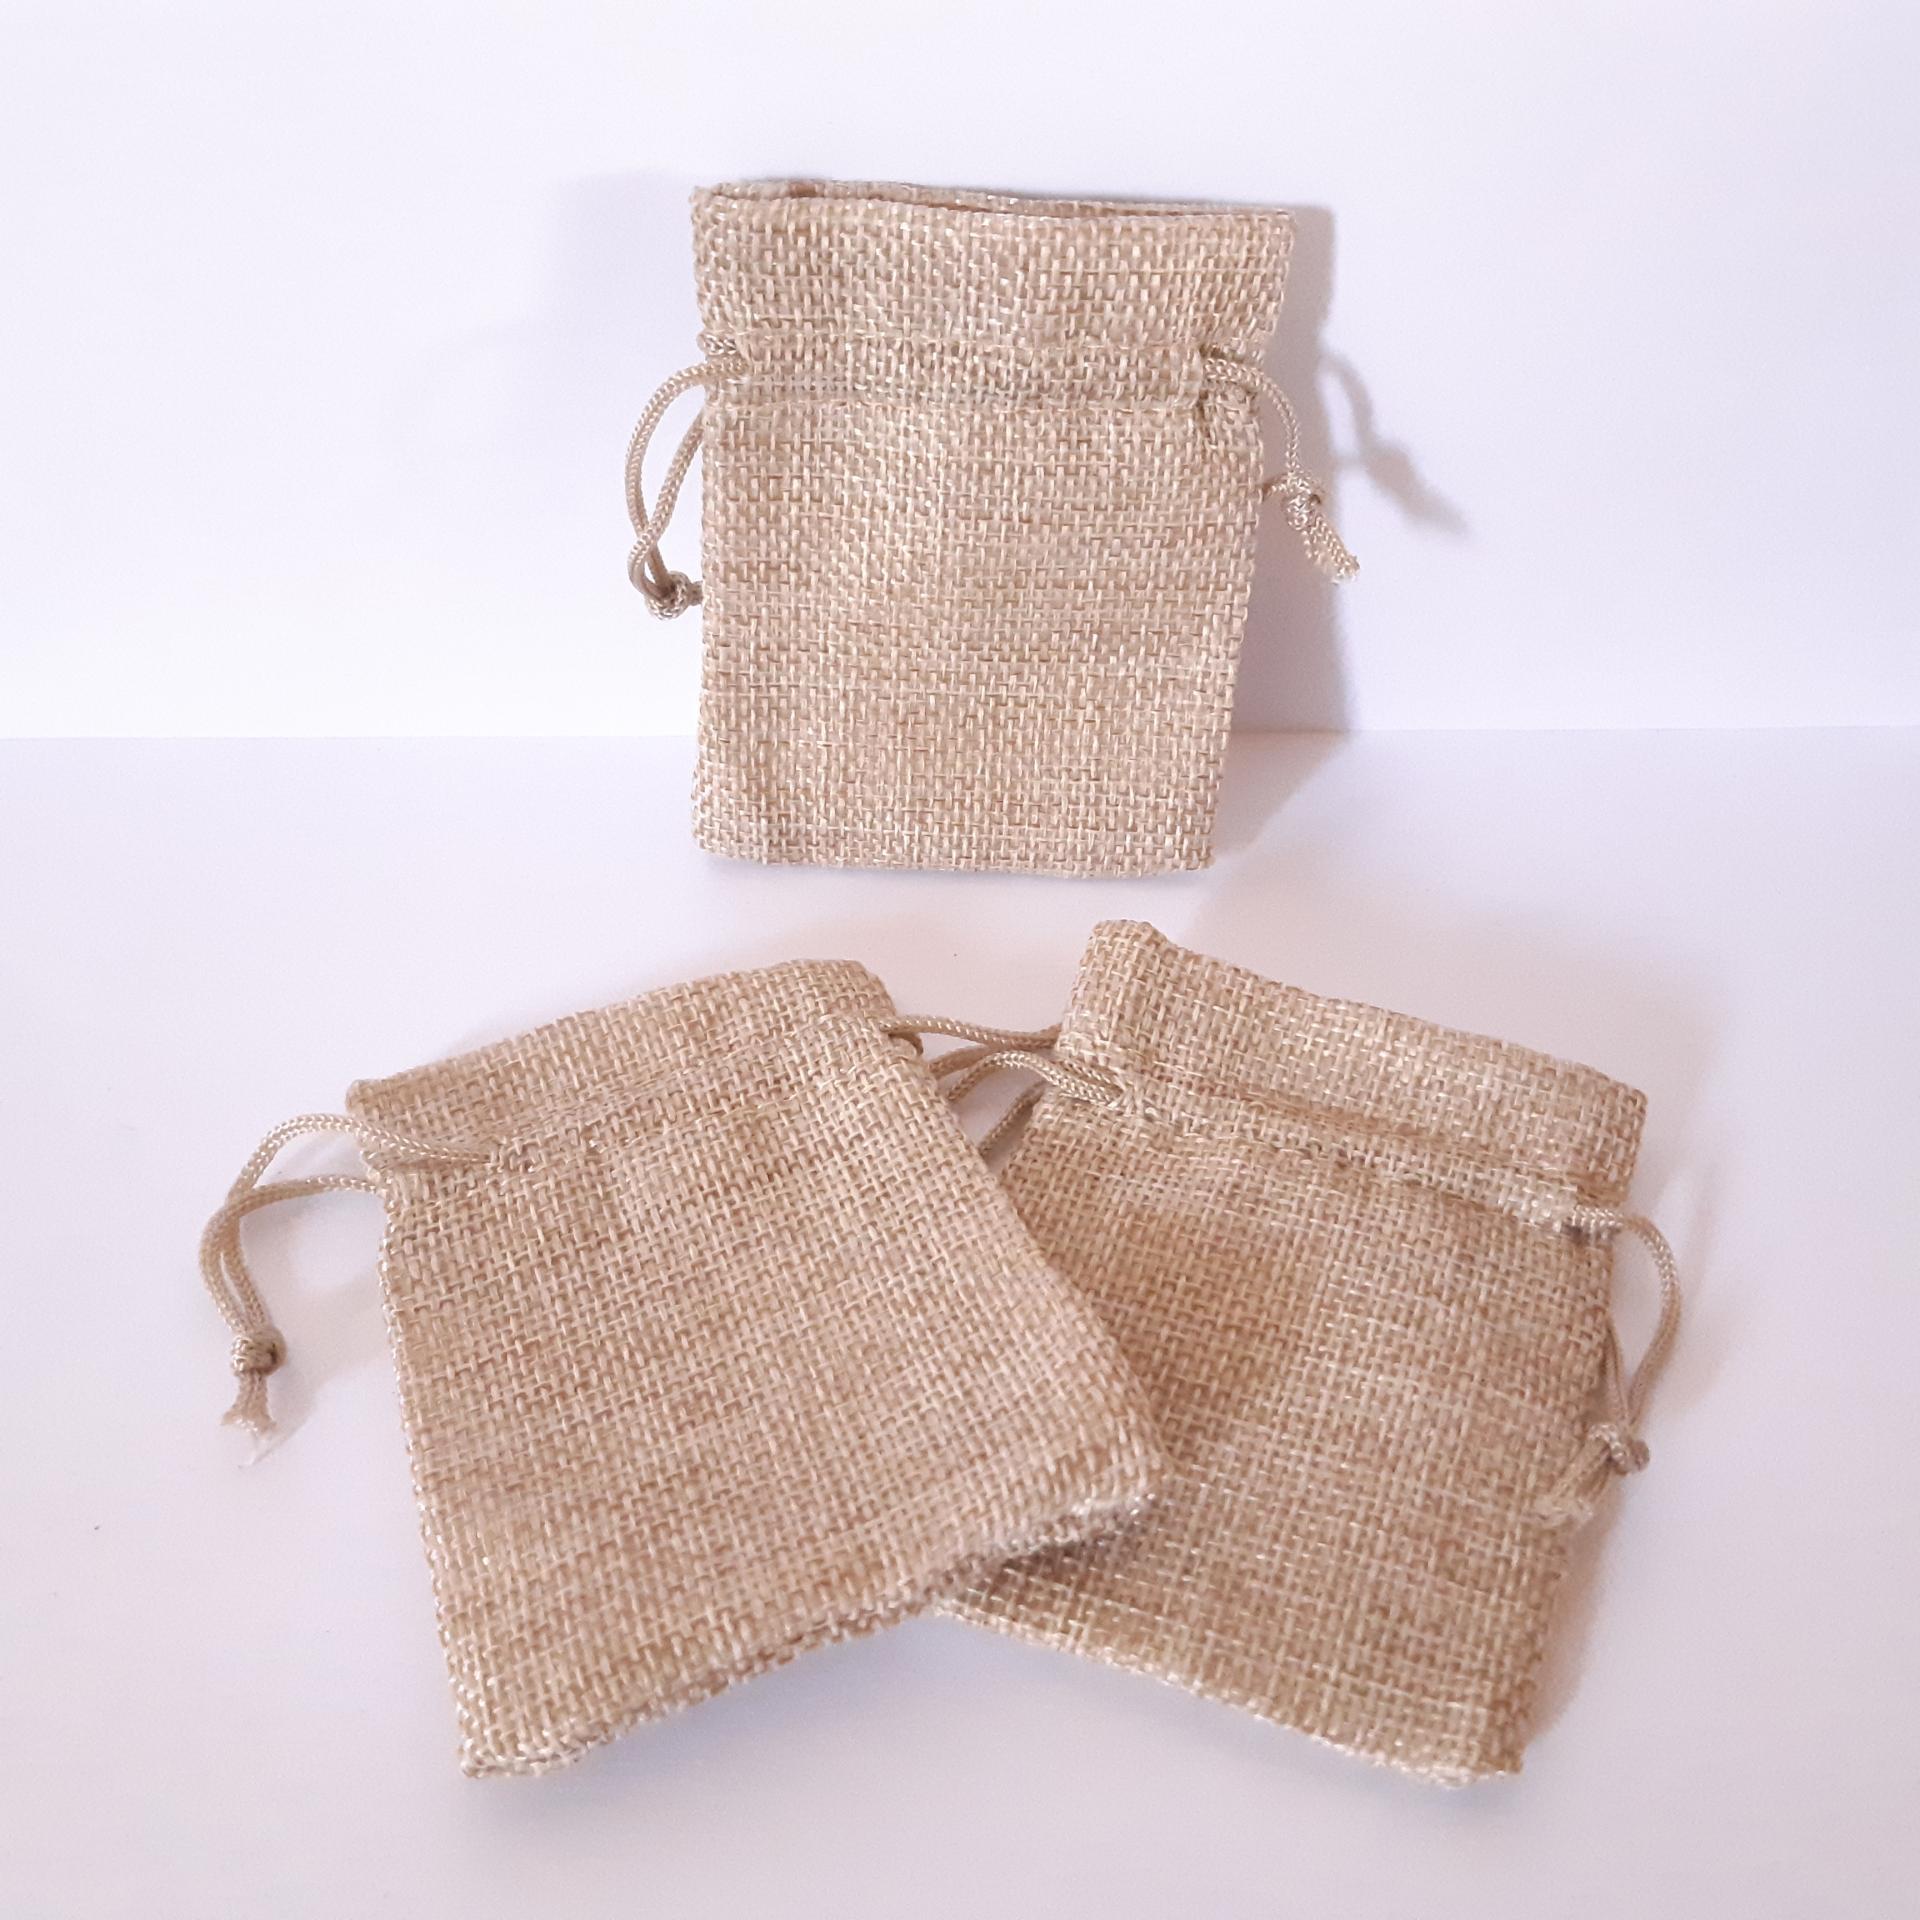 3 sacs de jute clair couleur blé